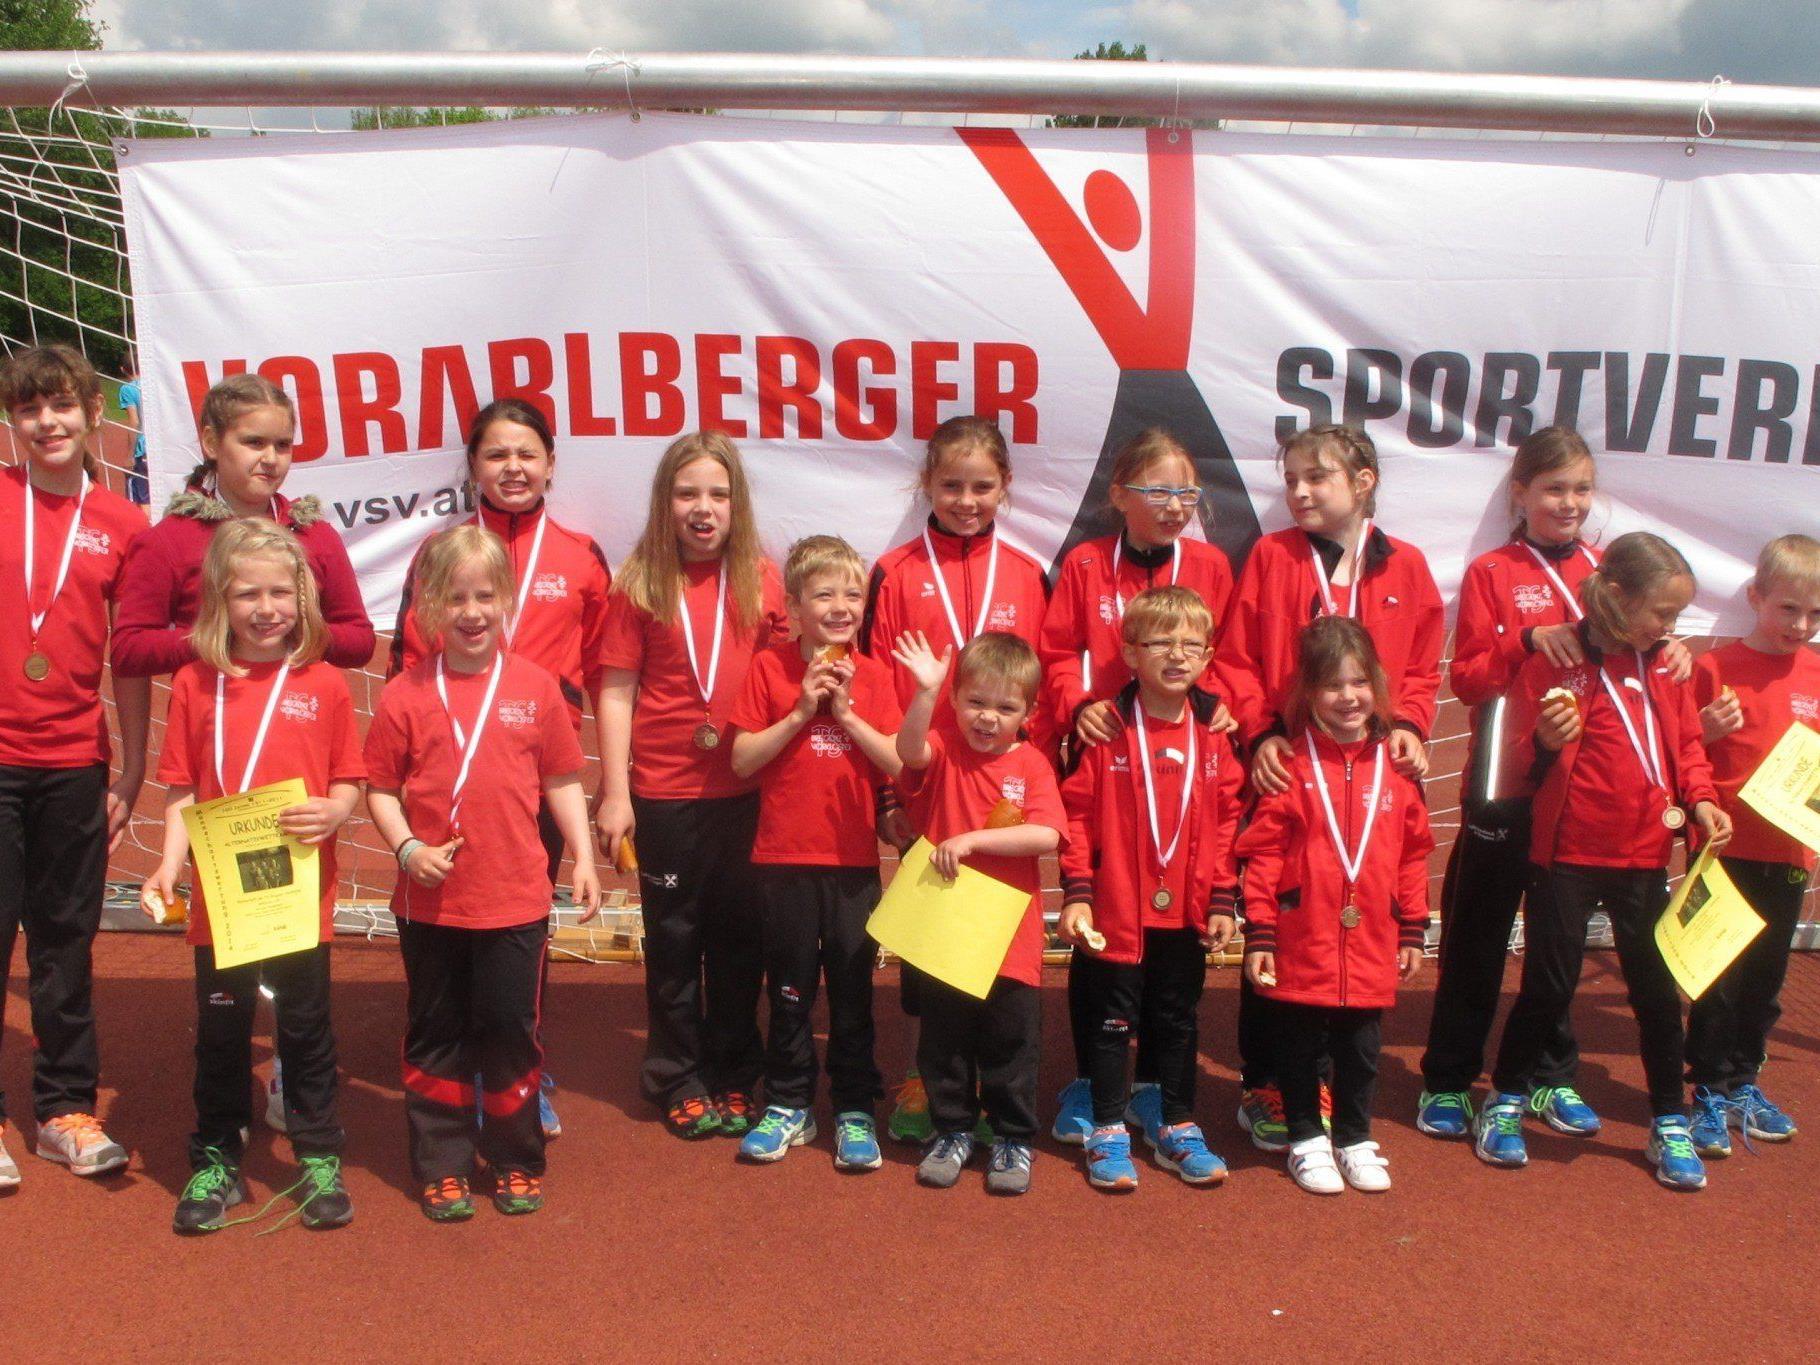 Die erfolgreichen Leichtathleten der TS Bregenz-Vorkloster.